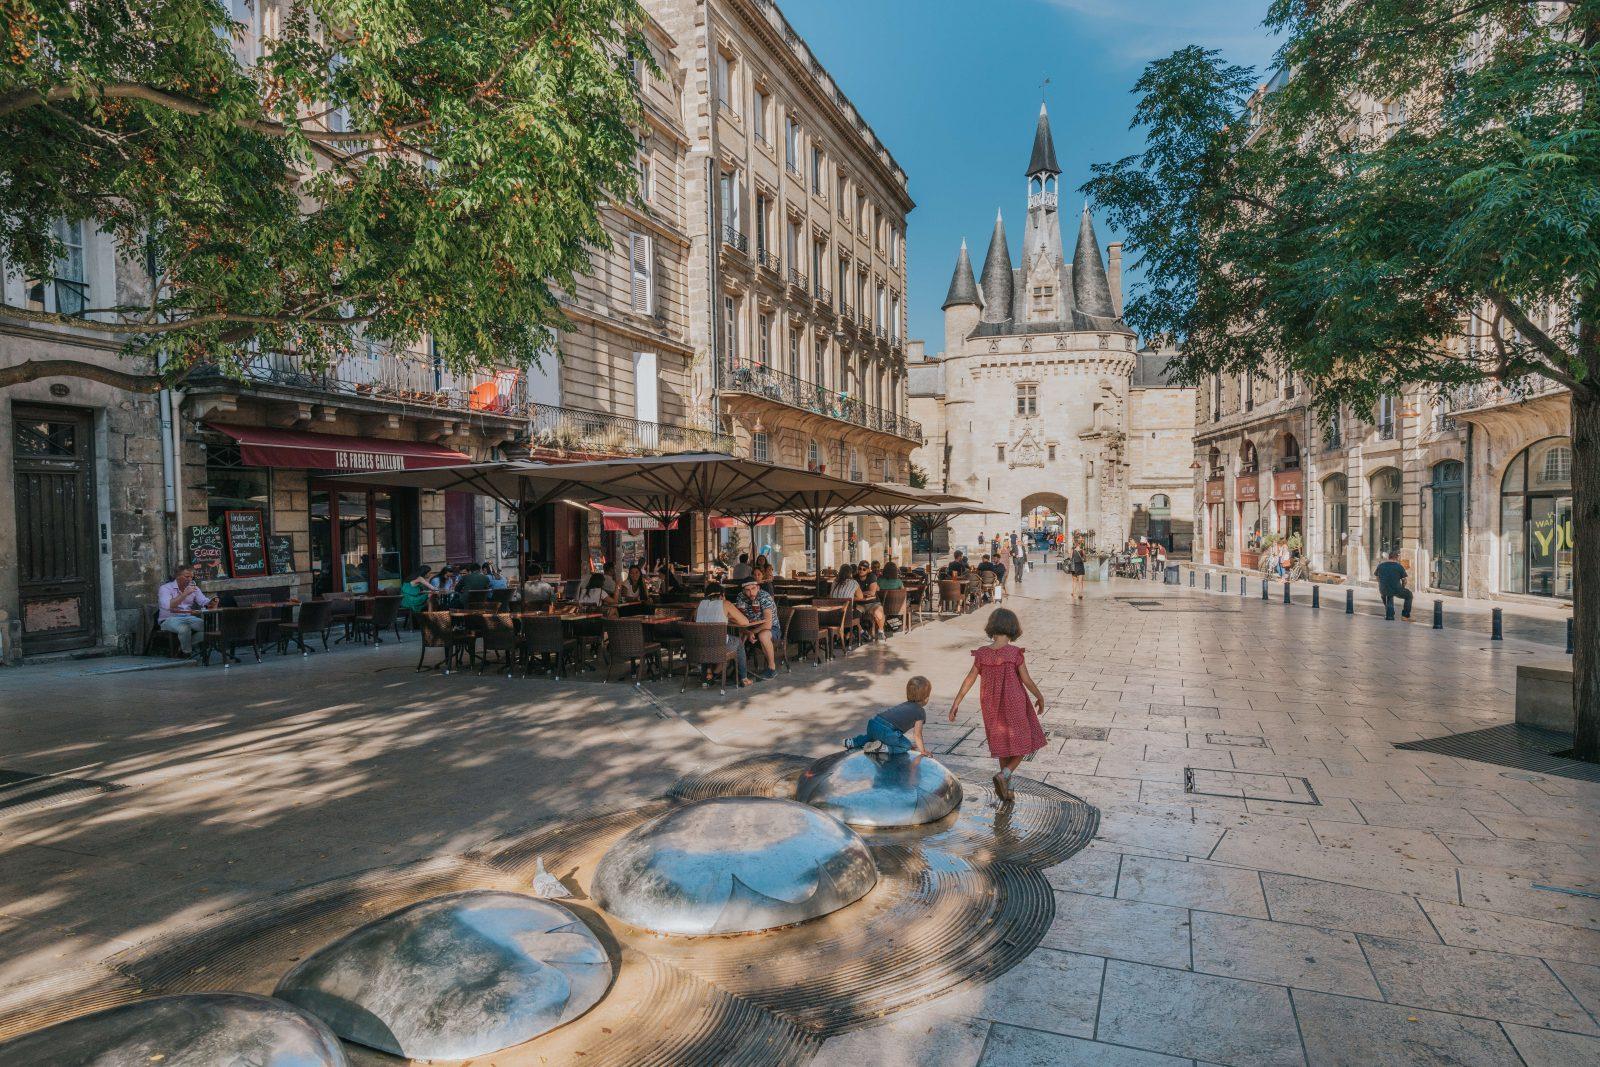 Place du Palais ©Nicolas Duffaure